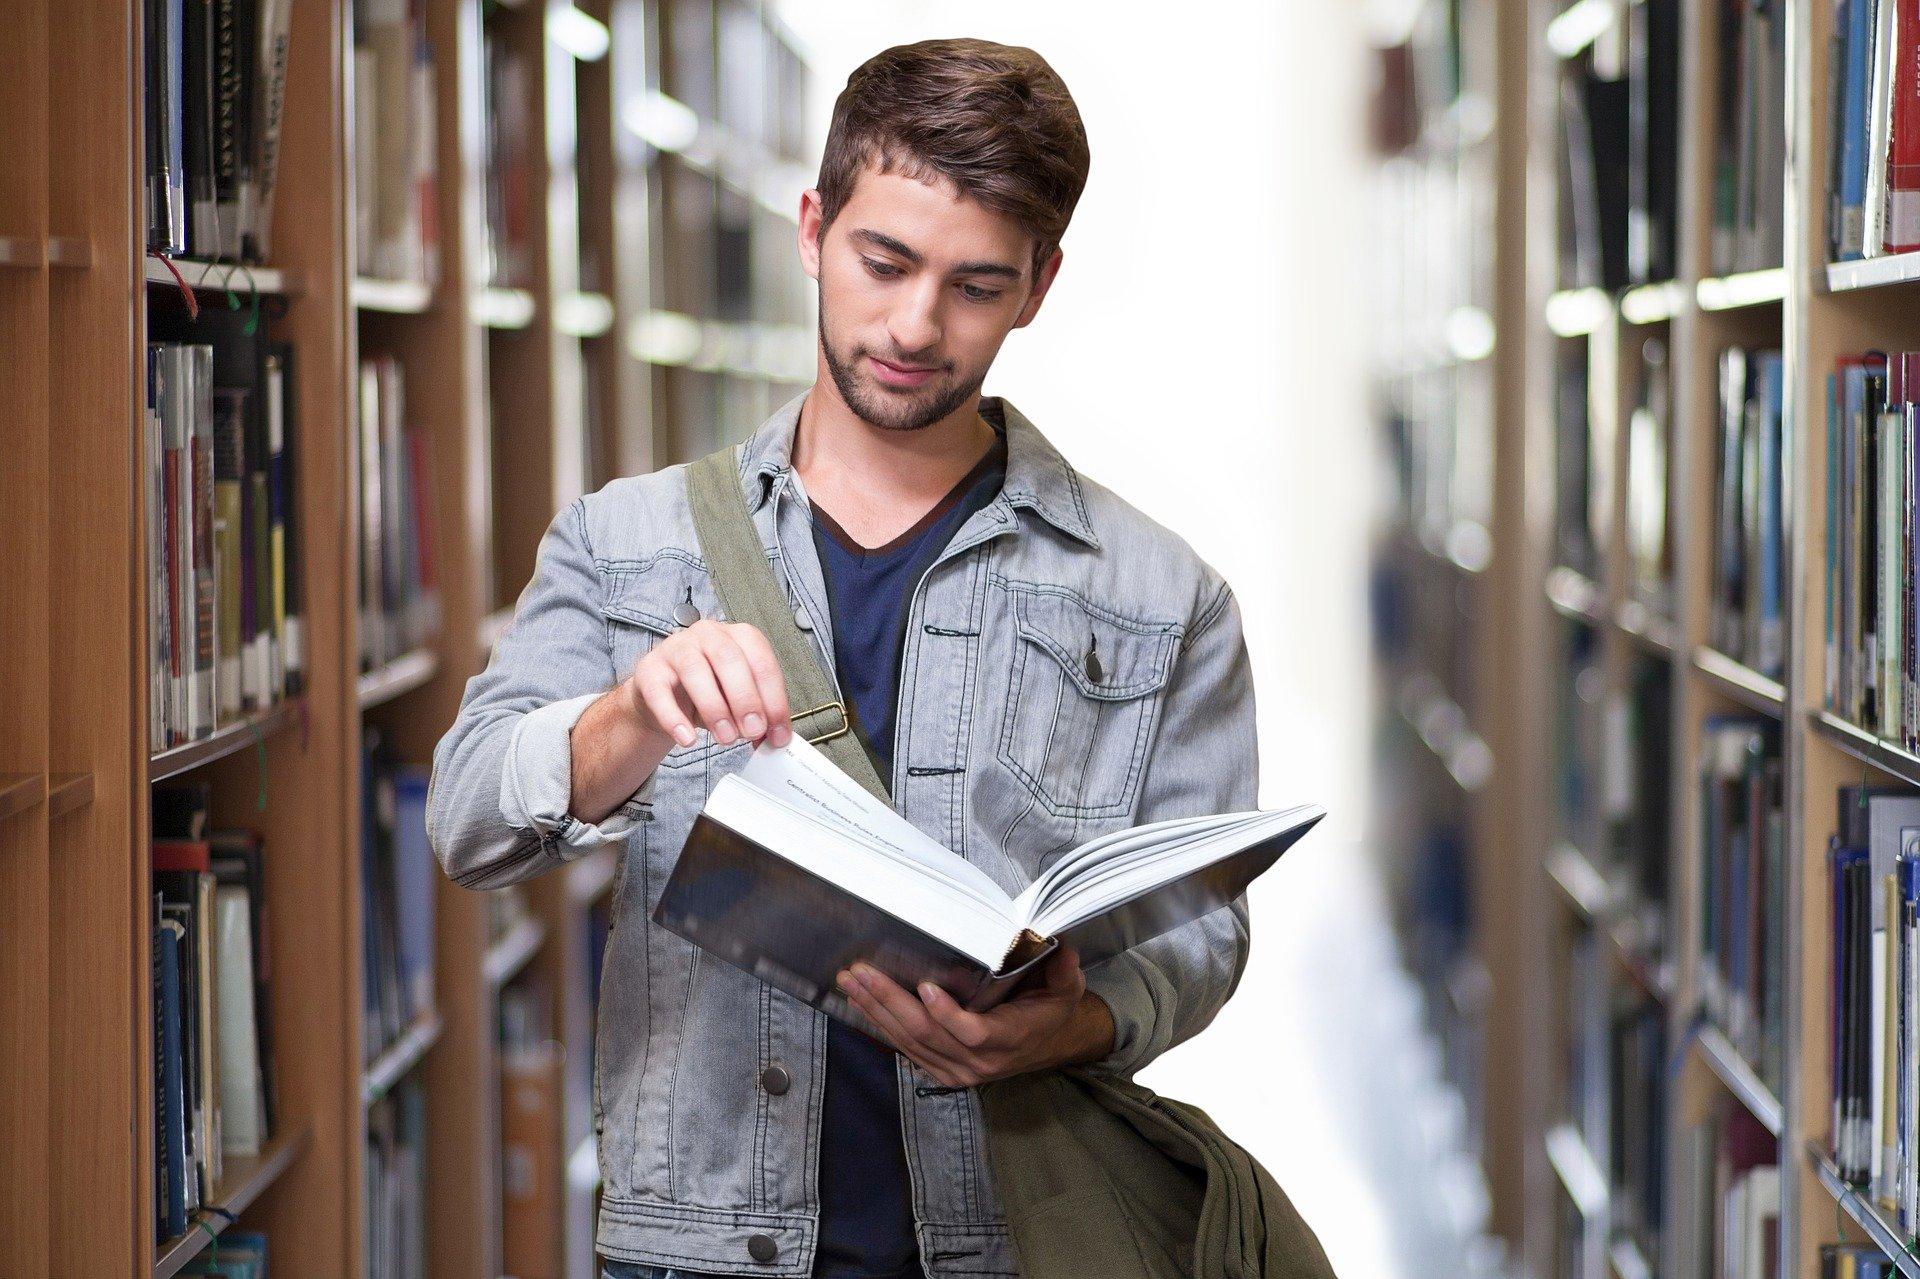 Студенток в Костромской области на четверть больше, чем студентов